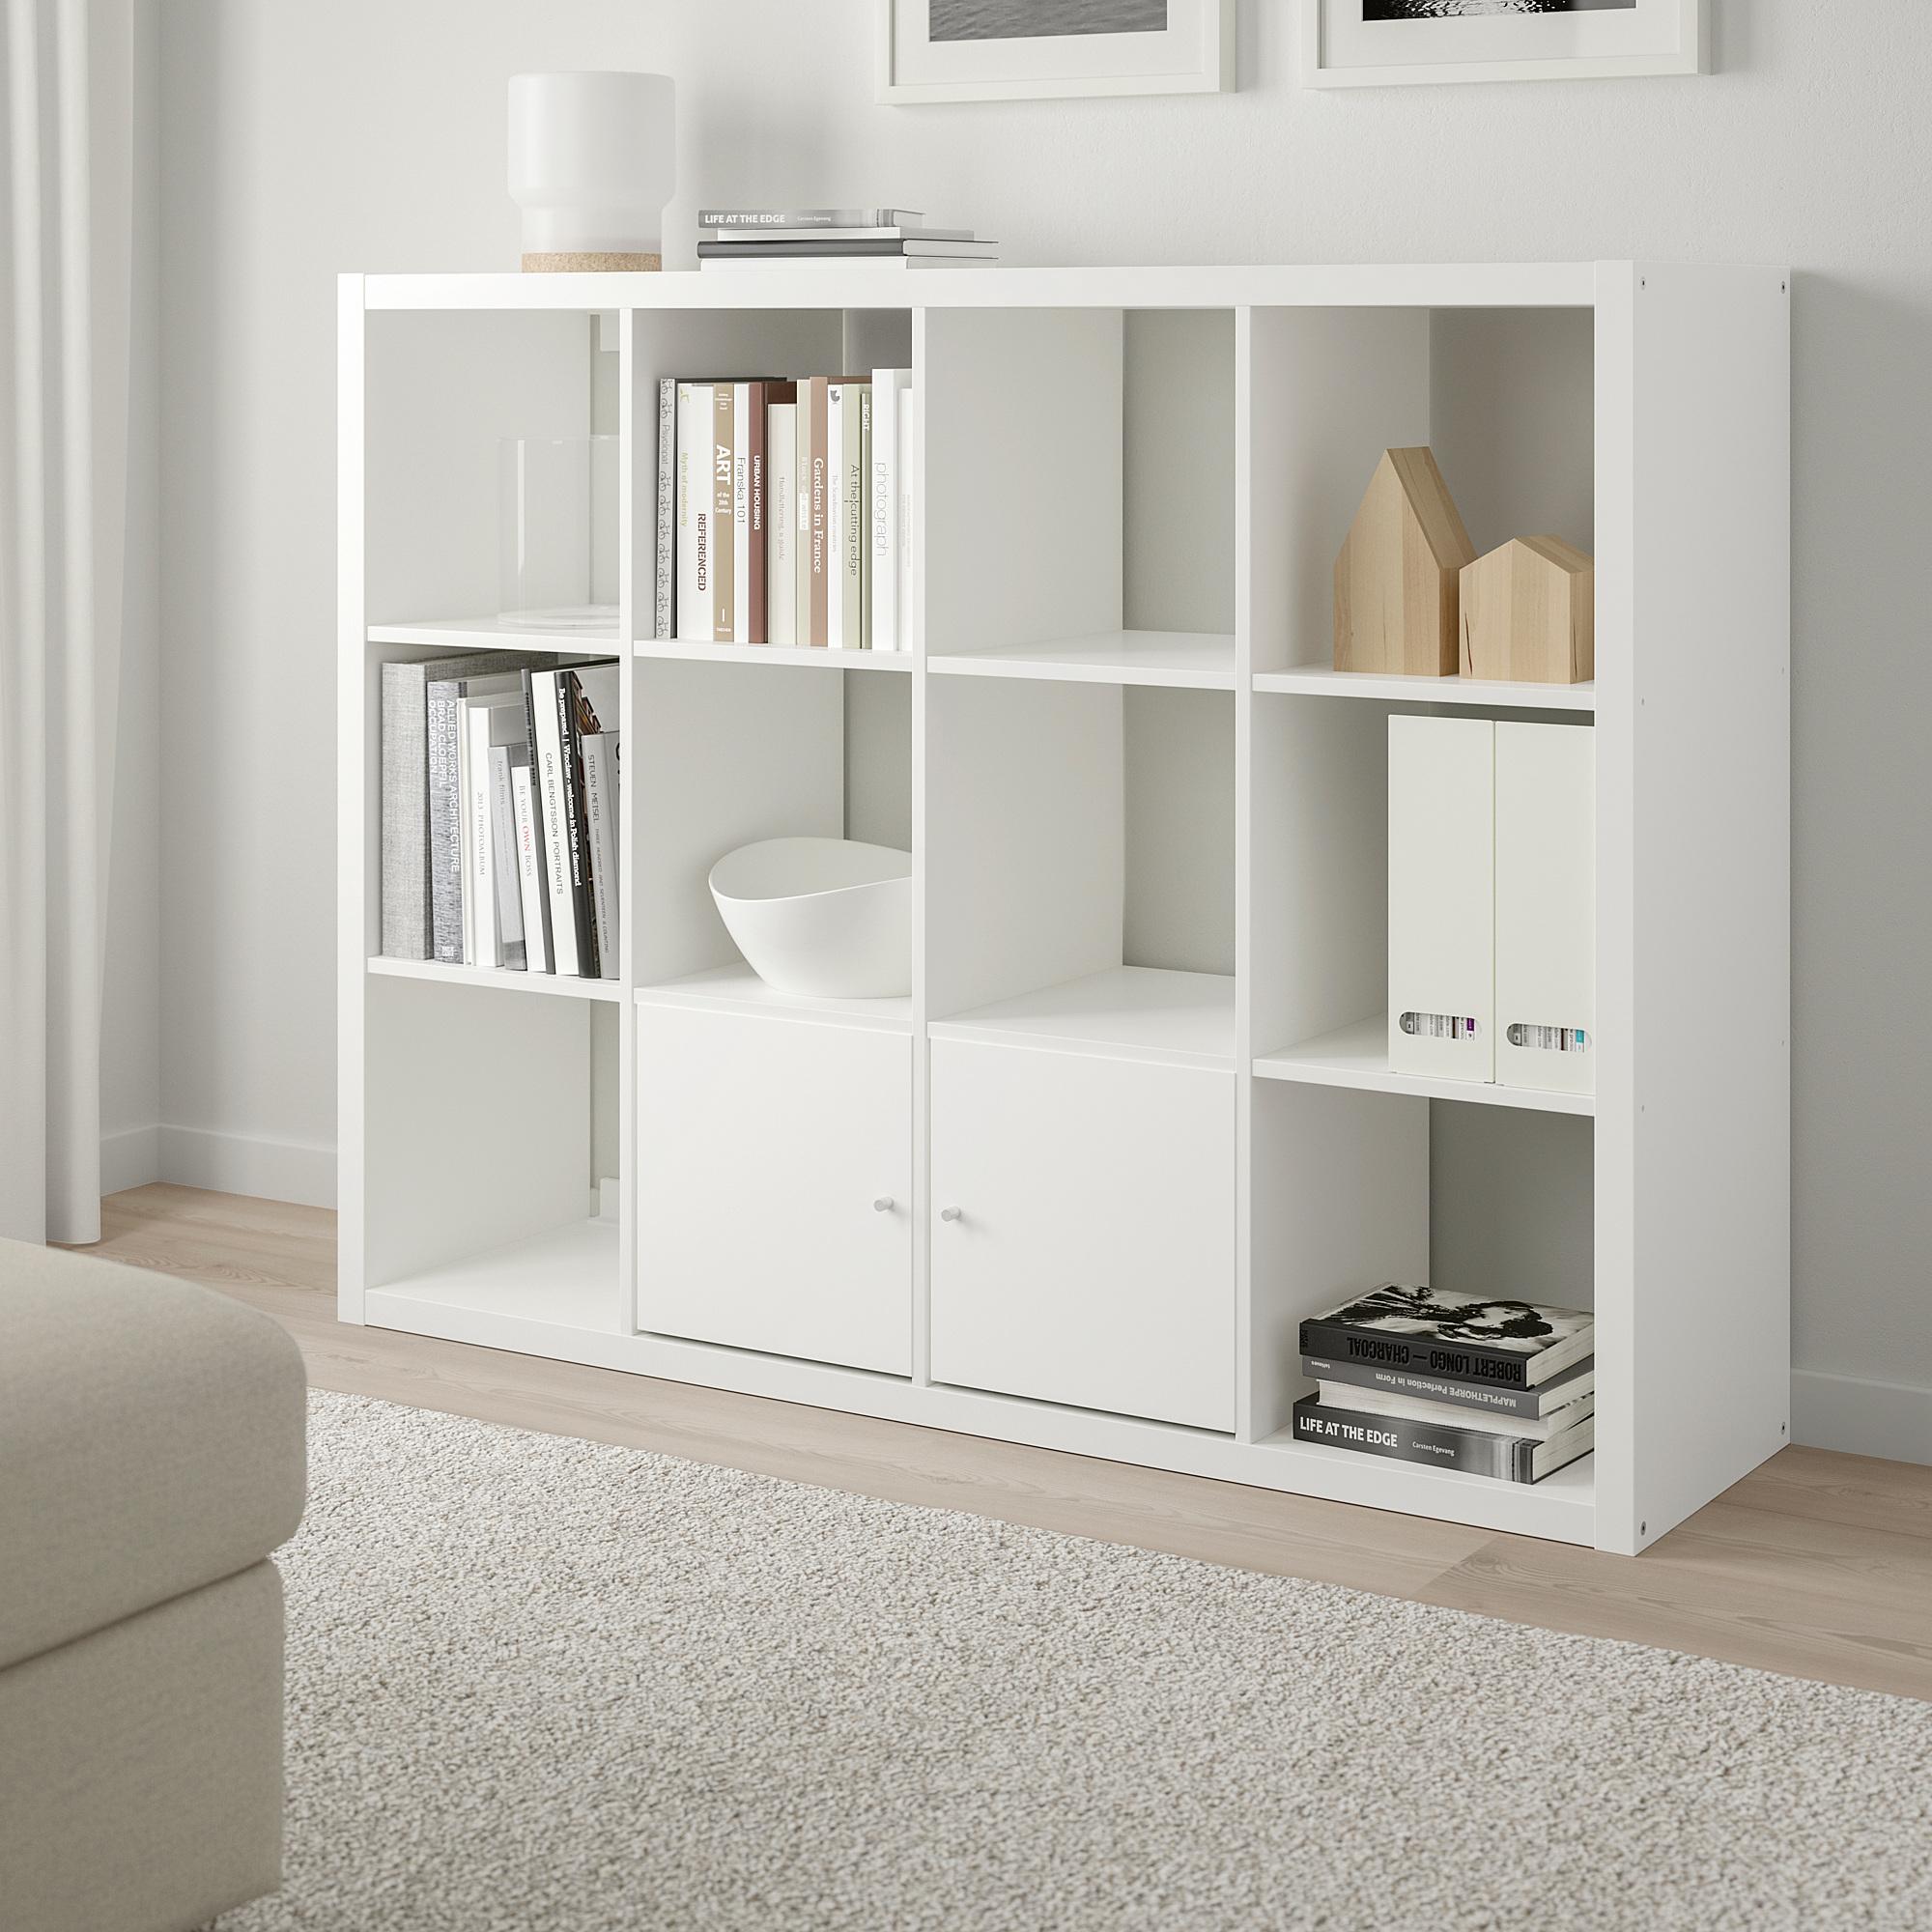 Kallax Unit Rak Putih 112x147 Cm Ikea Indonesia